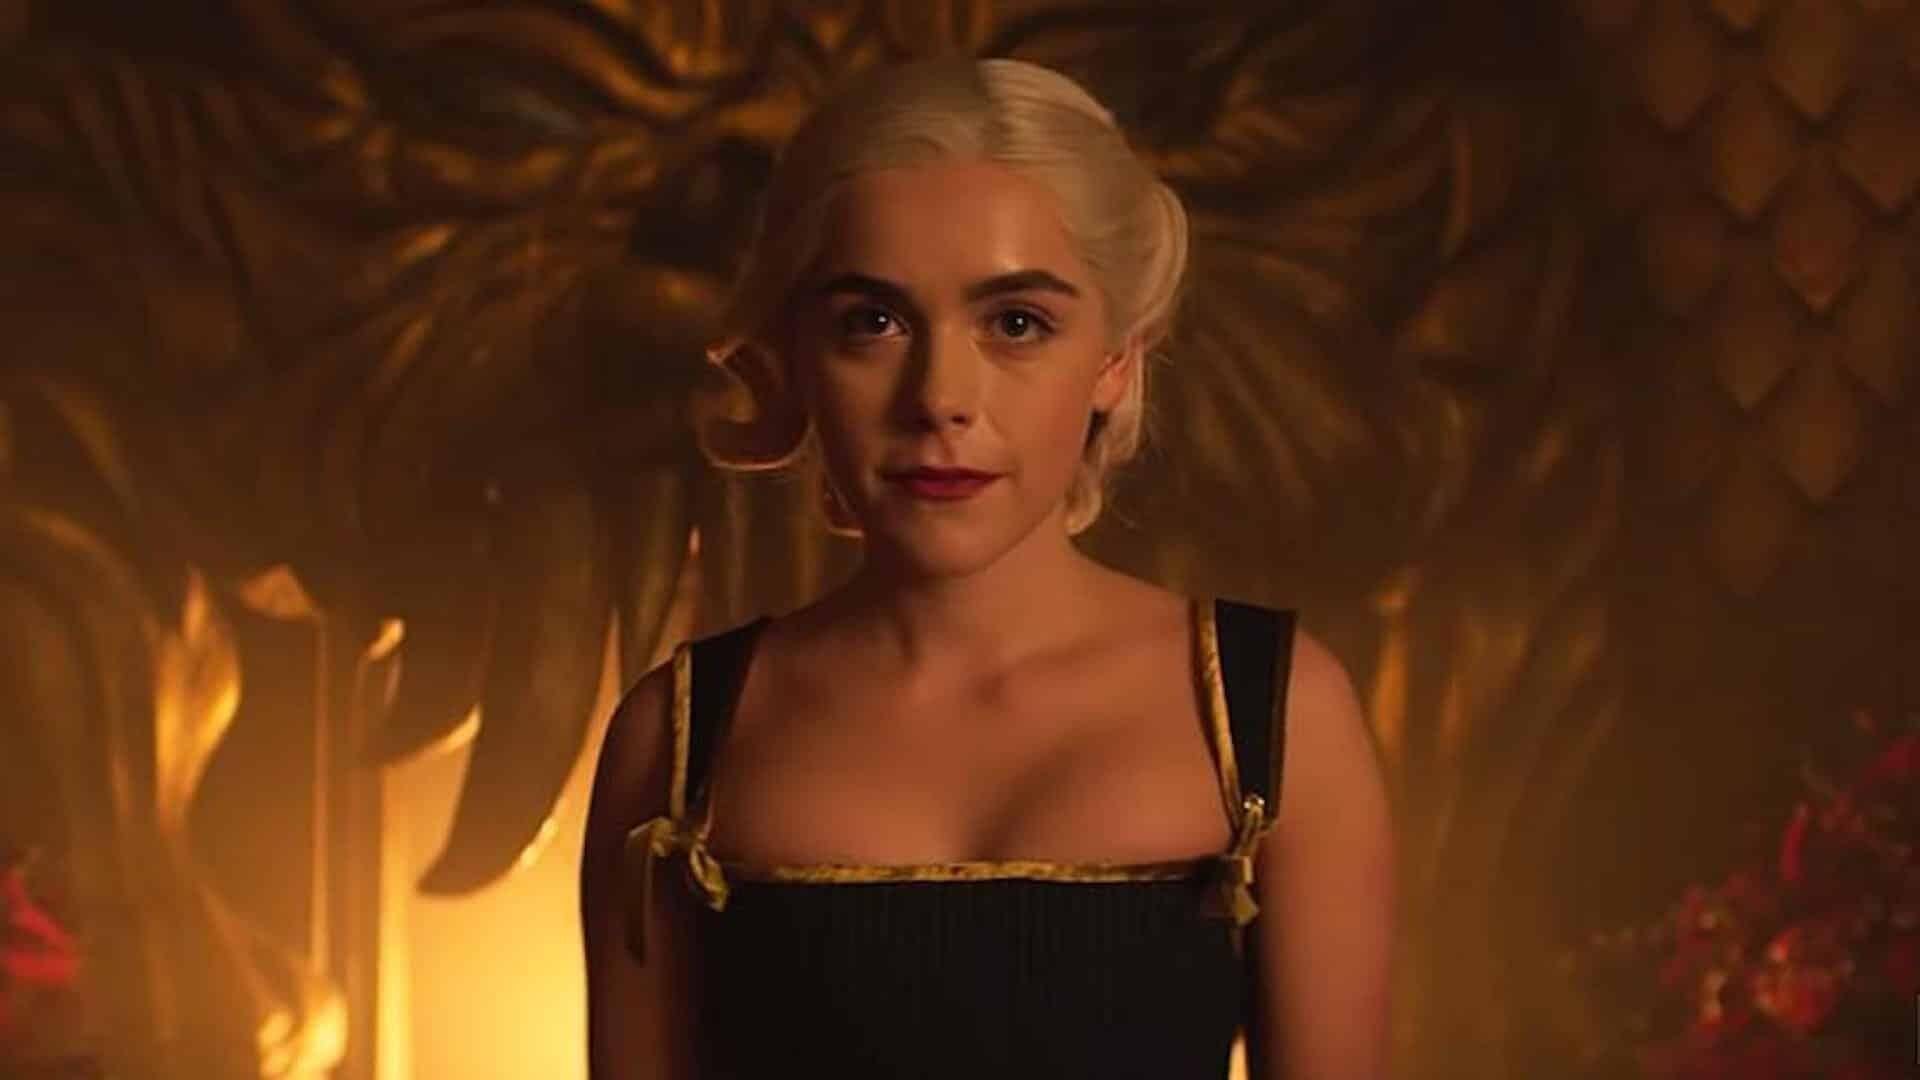 Le terrificanti avventure di Sabrina, Netflix cancella la programmazione